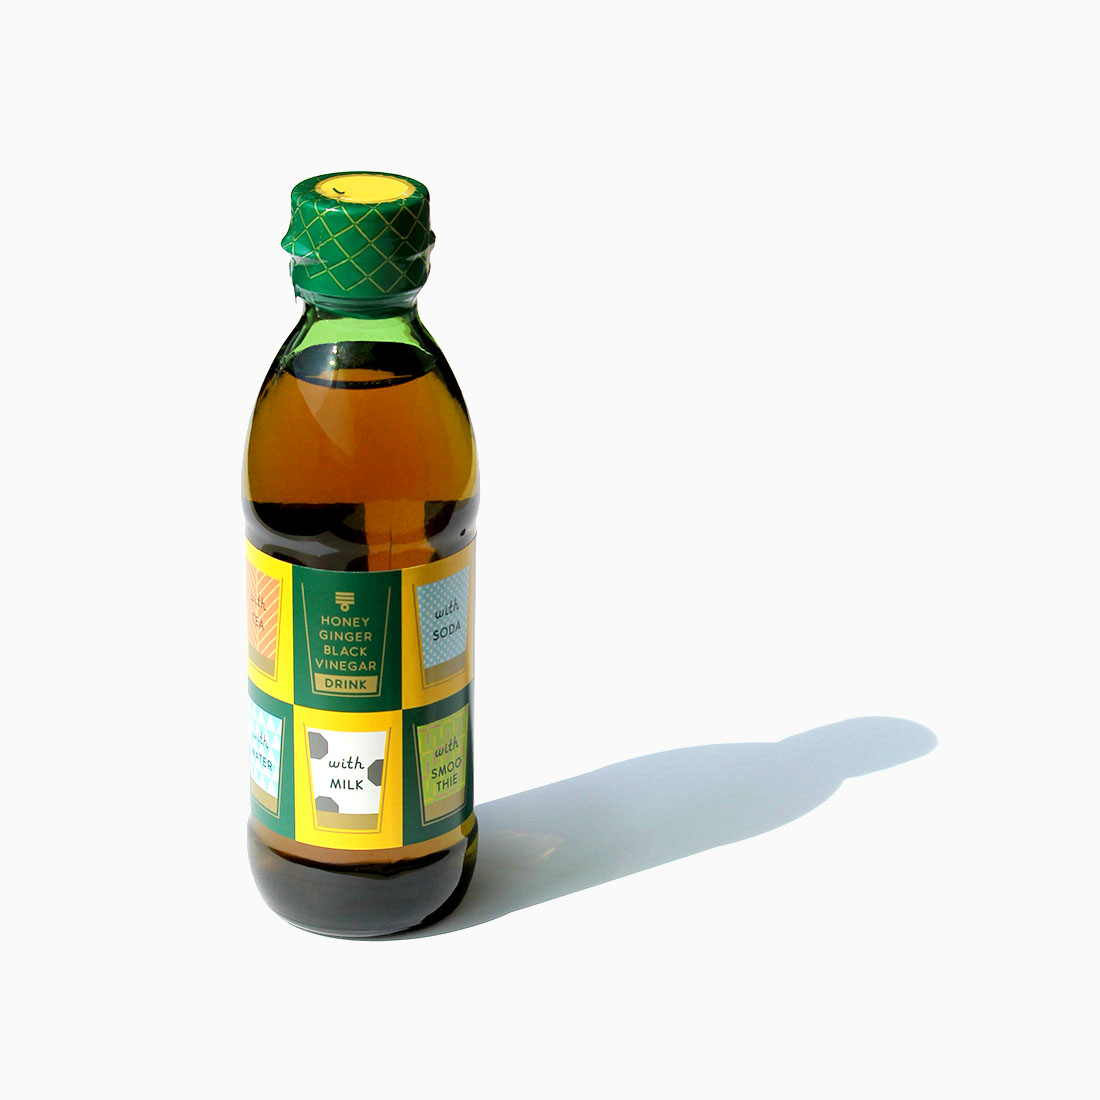 HONEY GINGER BLACK VINEGAR DRINK